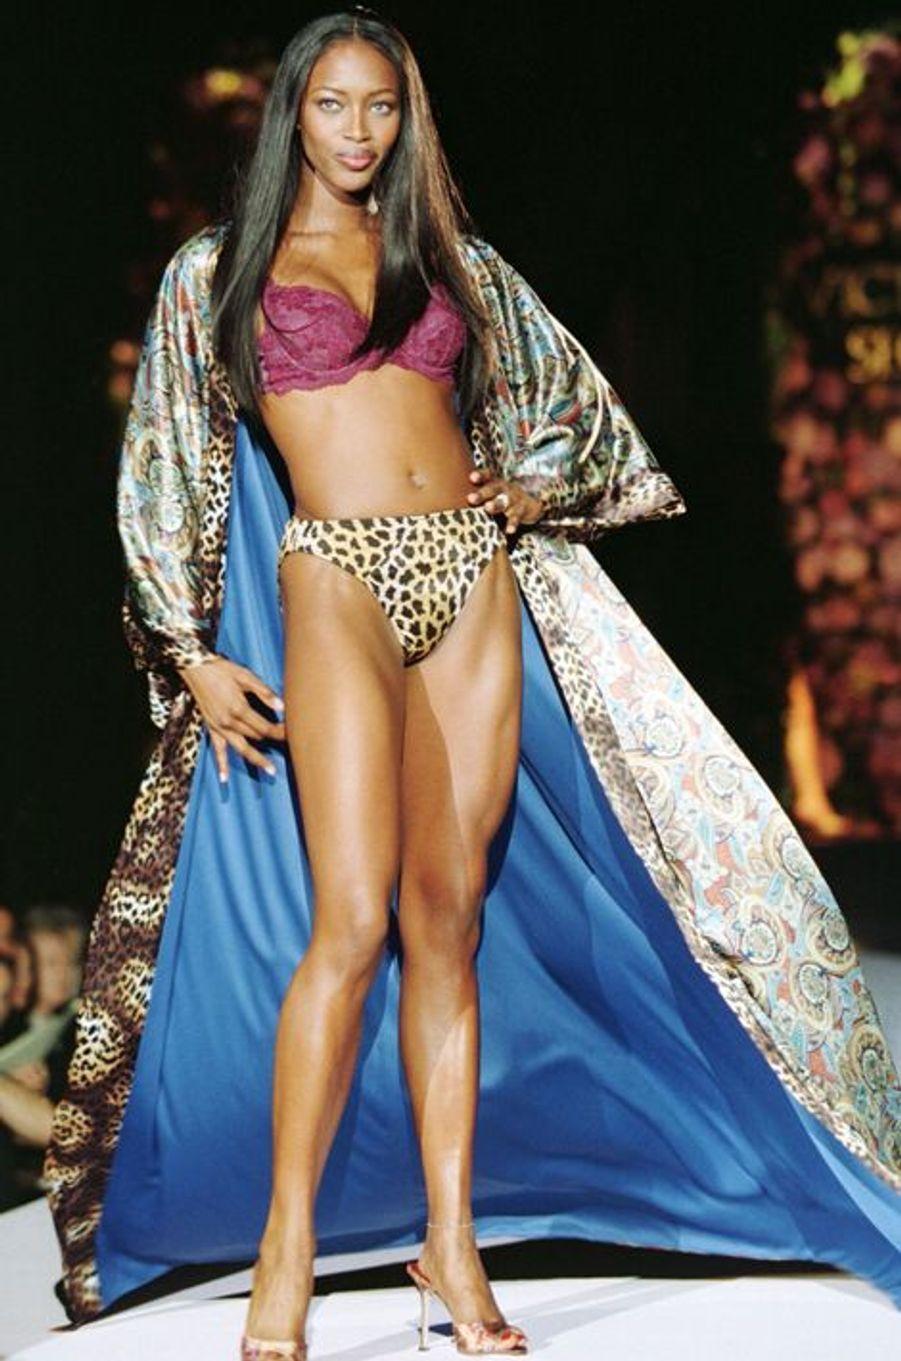 Le défilé de la marque Victoria's Secret en 1998 à New York (Naomi Campbell).